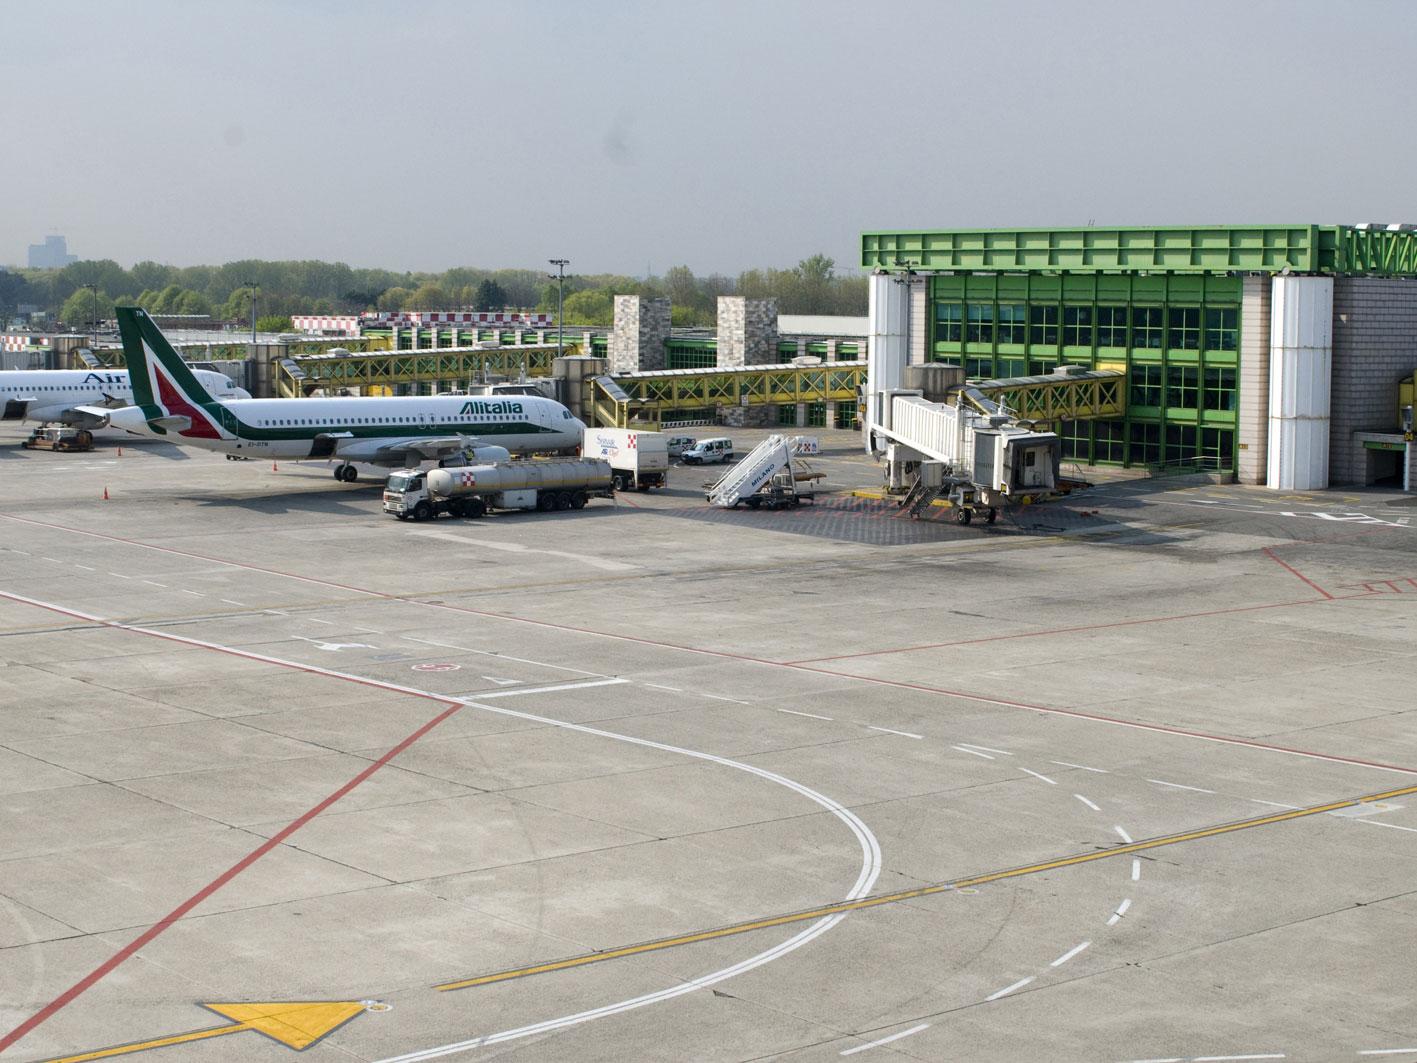 Aeroporto Milano Malpensa : Milano linate la meraviglia del primo aeroporto